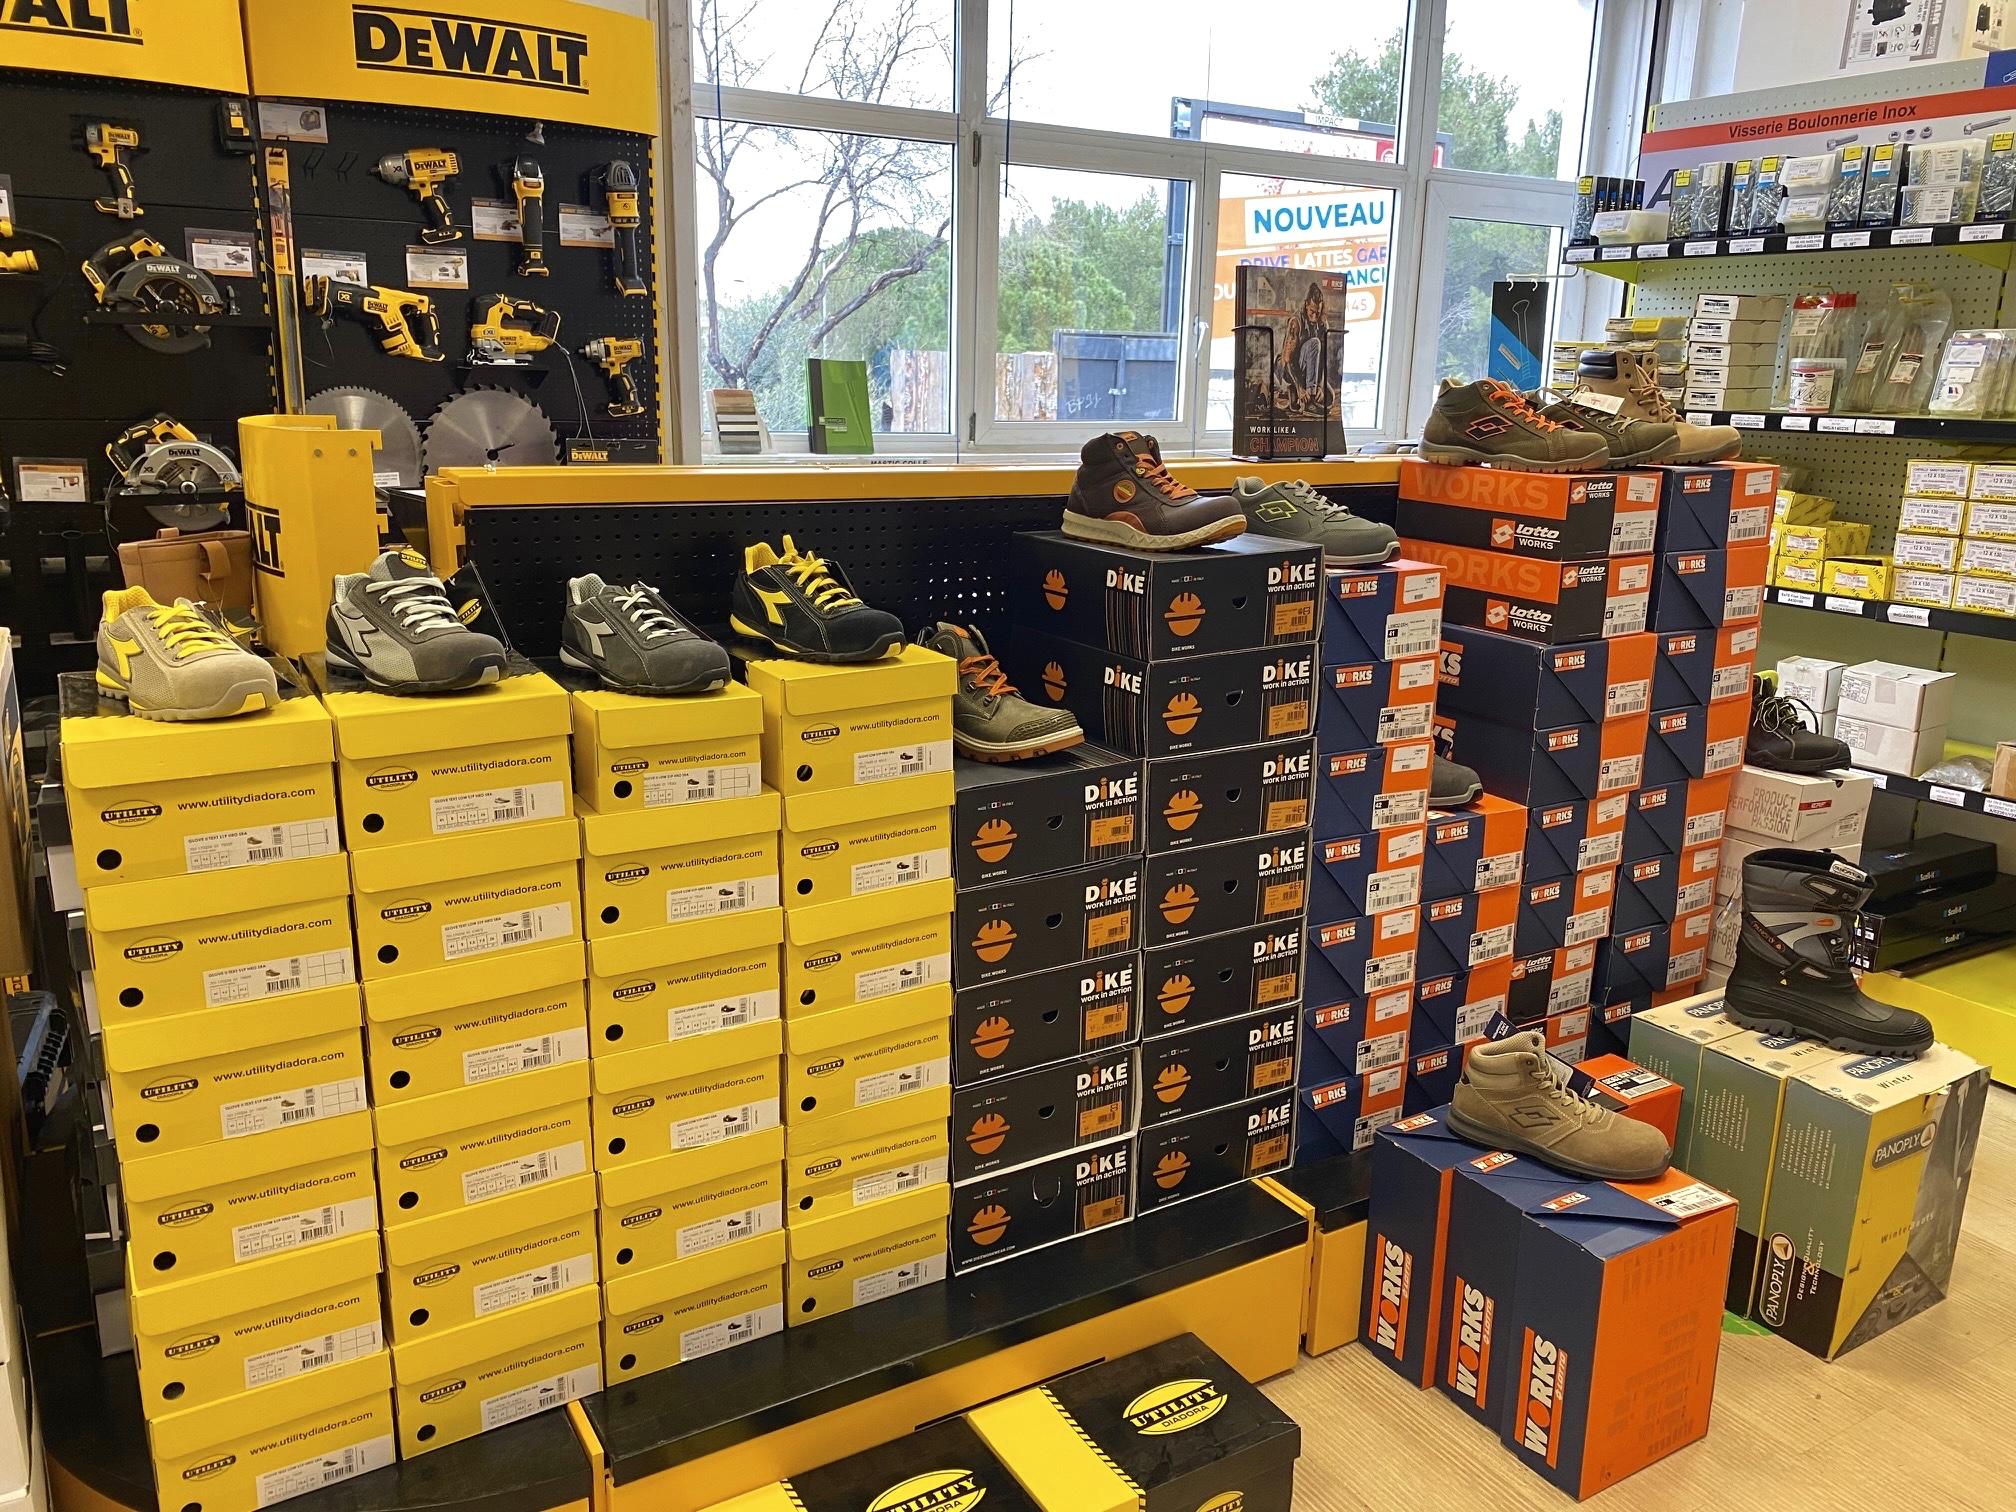 Arrivage exceptionnel de chaussures de sécurité !